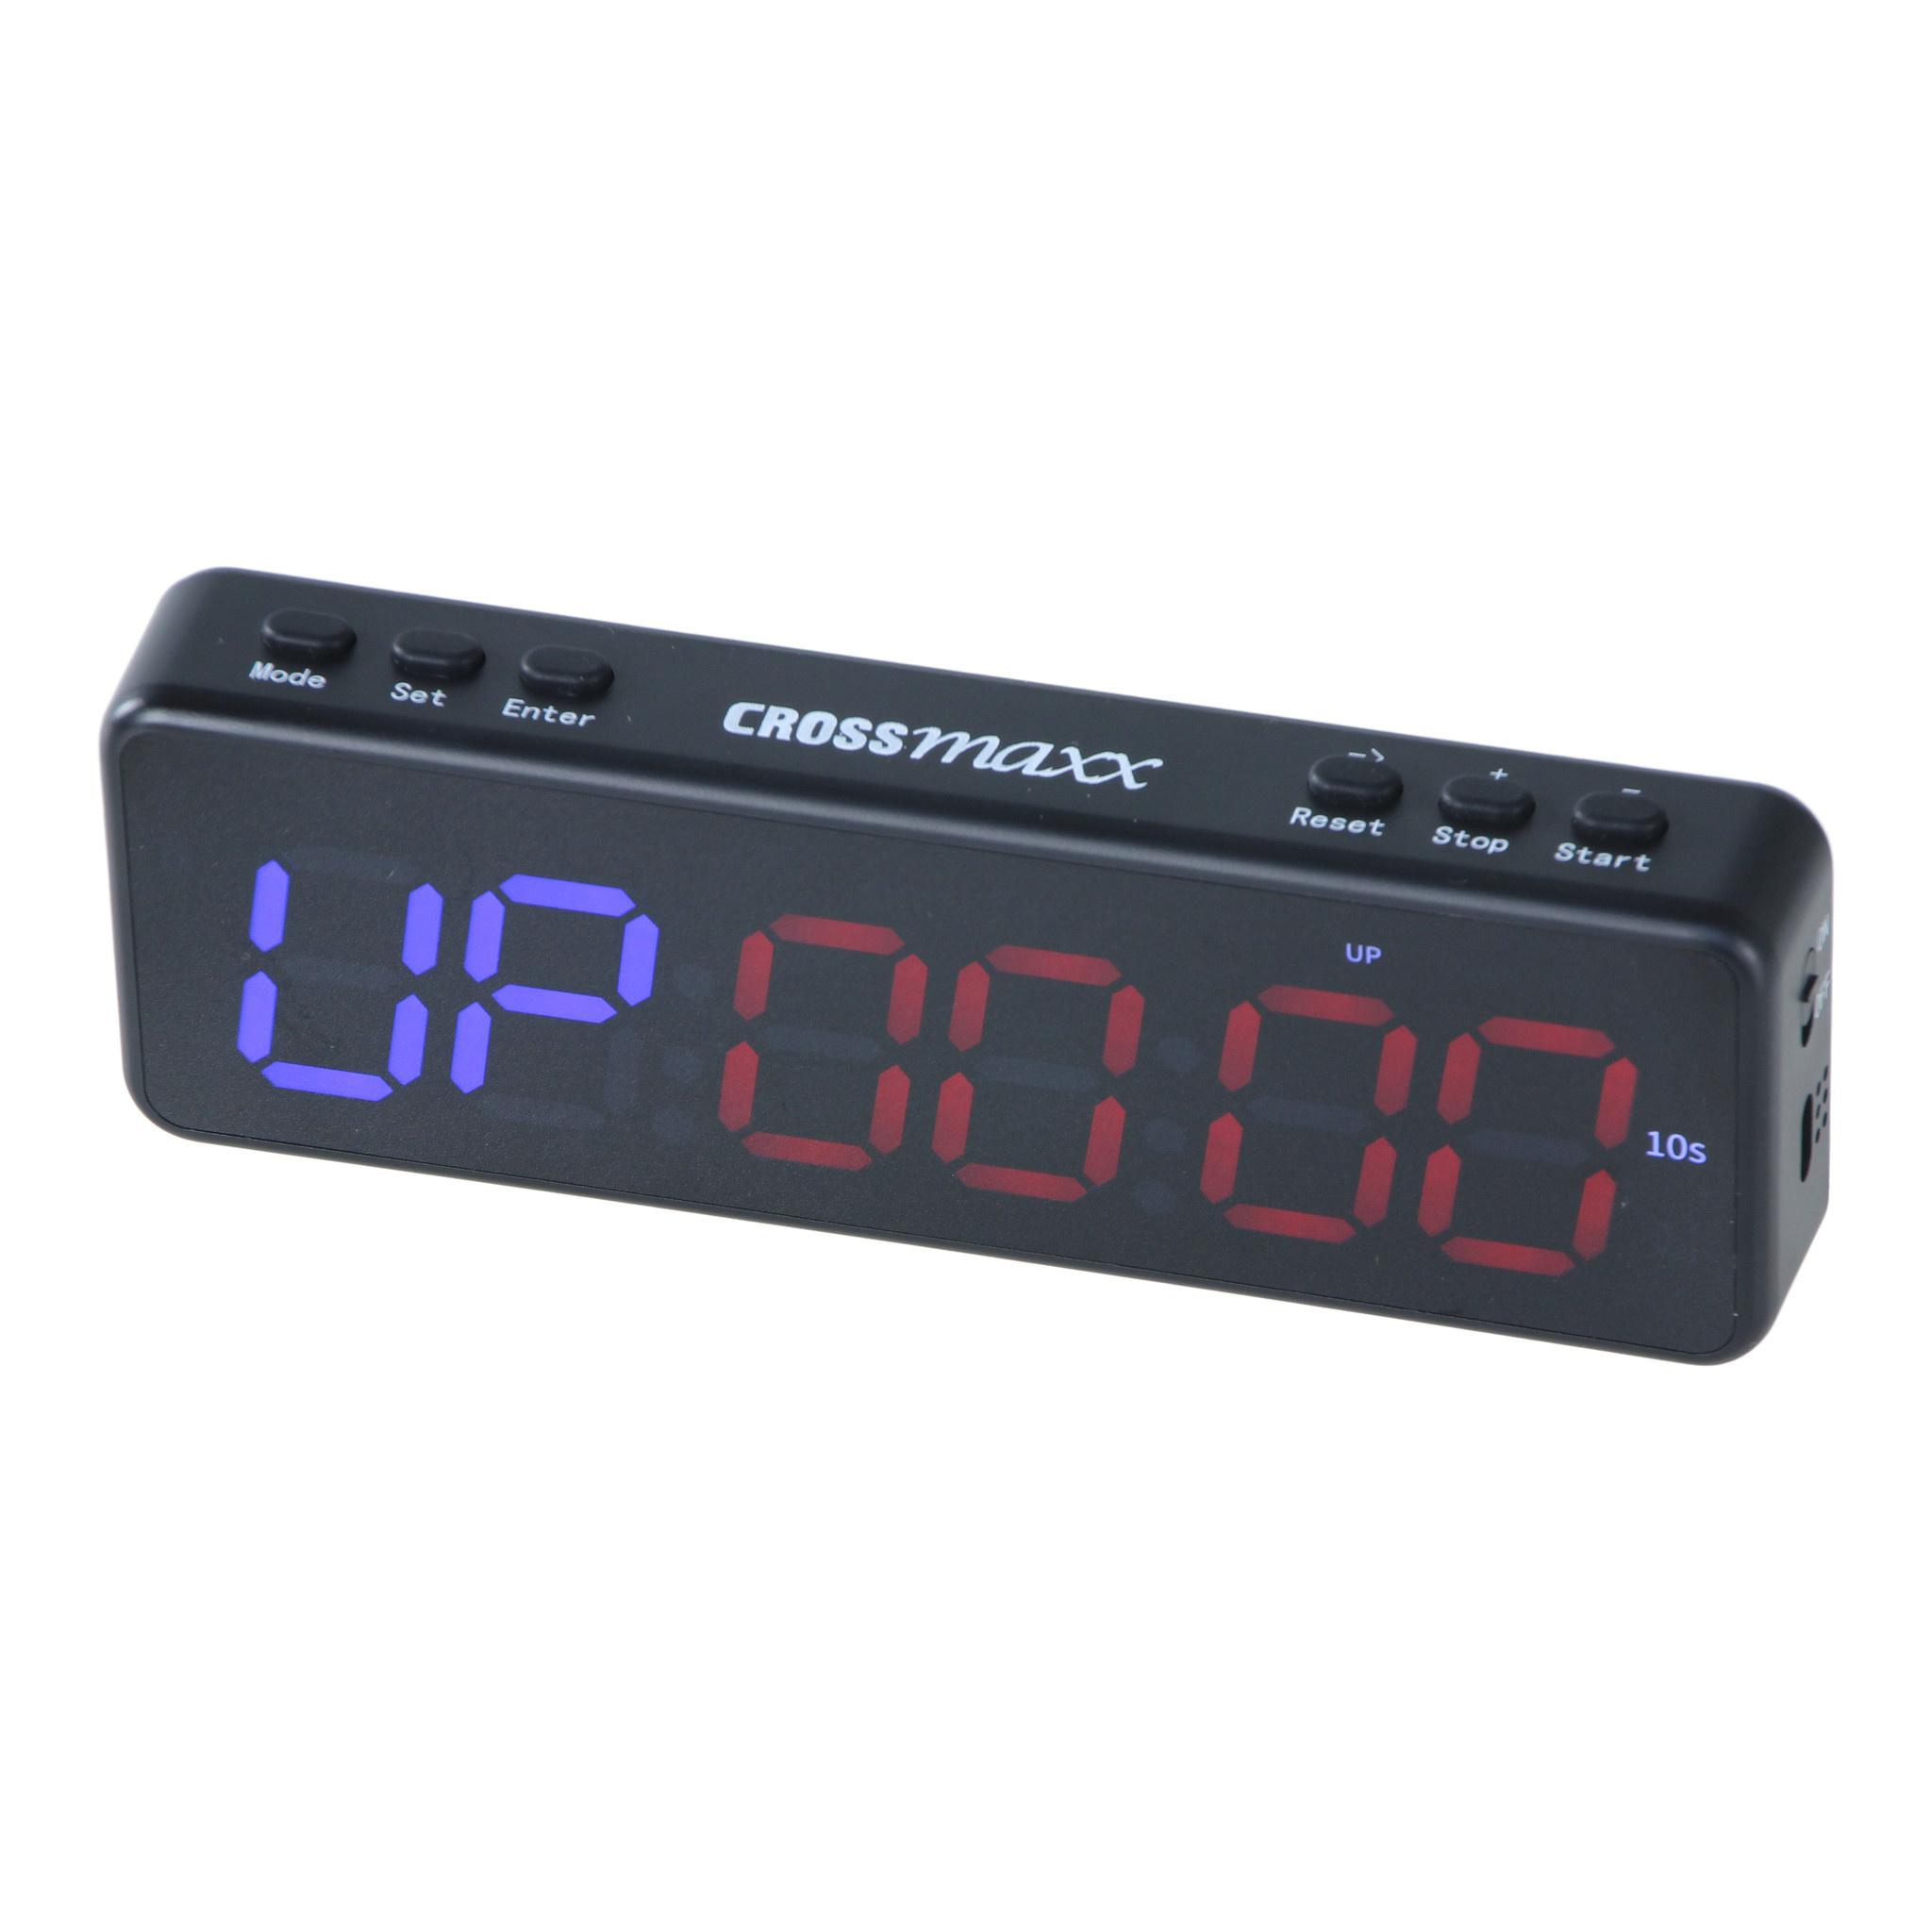 Crossmaxx LMX1296 Mini Interval Timer 6-digit